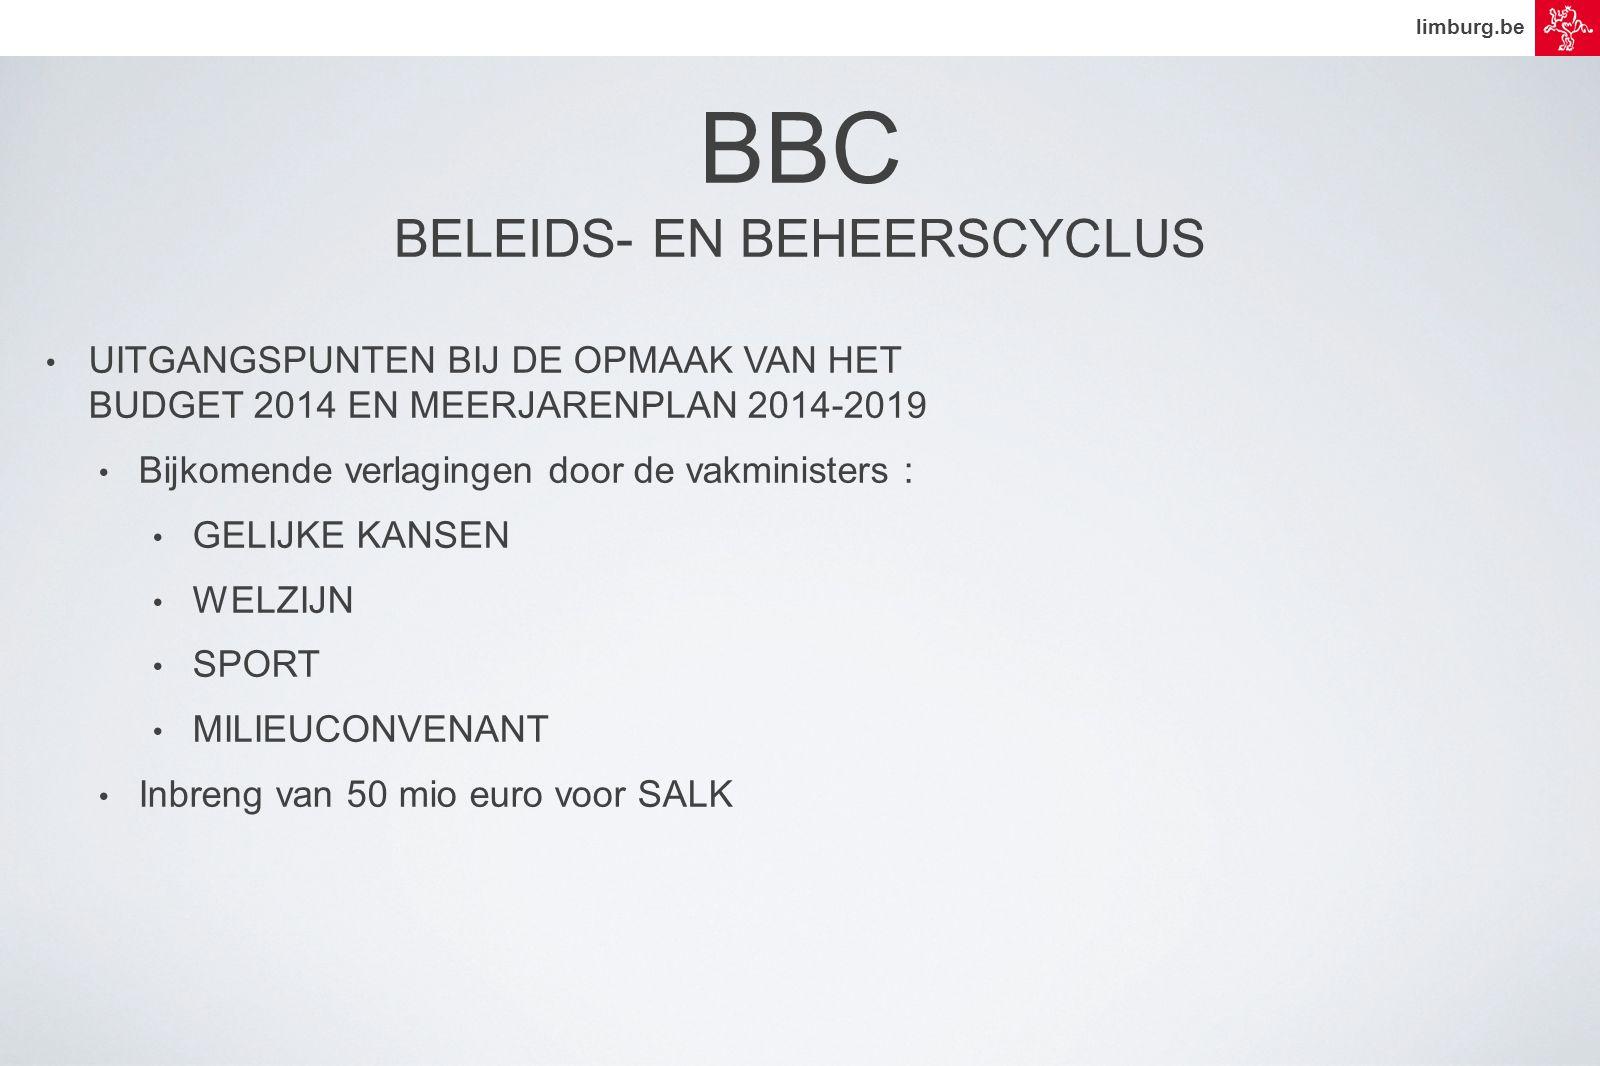 limburg.be • UITGANGSPUNTEN BIJ DE OPMAAK VAN HET BUDGET 2014 EN MEERJARENPLAN 2014-2019 • Bijkomende verlagingen door de vakministers : • GELIJKE KANSEN • WELZIJN • SPORT • MILIEUCONVENANT • Inbreng van 50 mio euro voor SALK BBC BELEIDS- EN BEHEERSCYCLUS